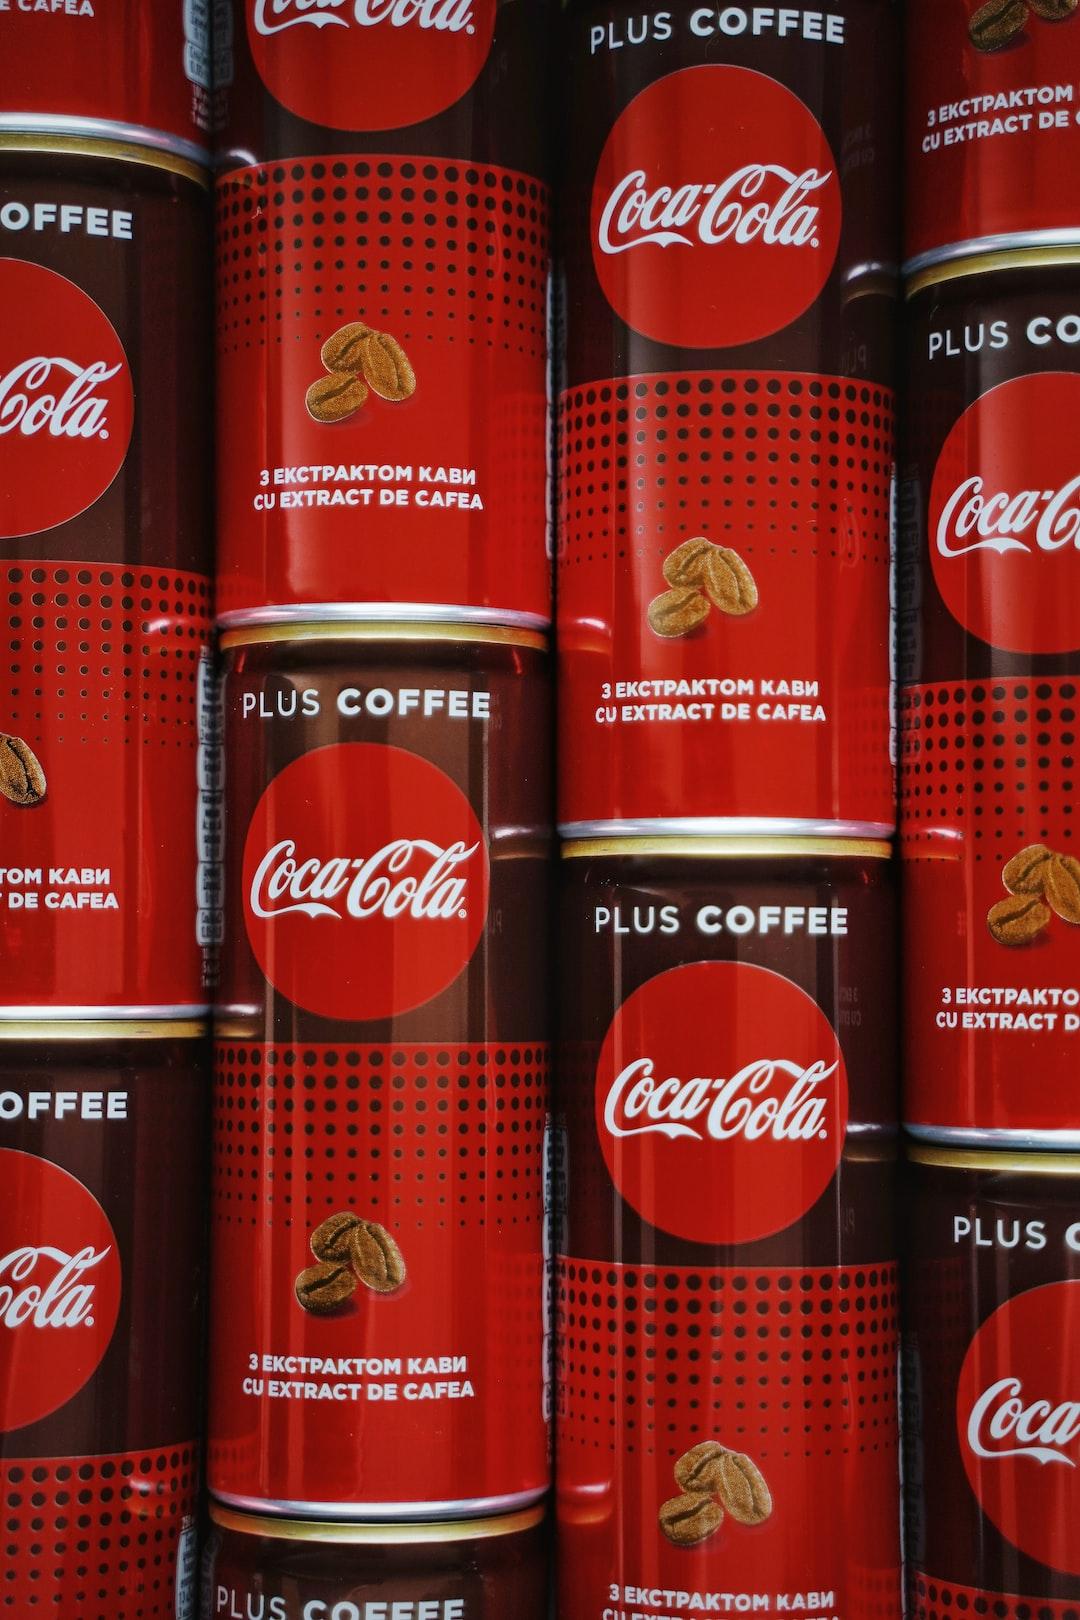 coke, coca-cola